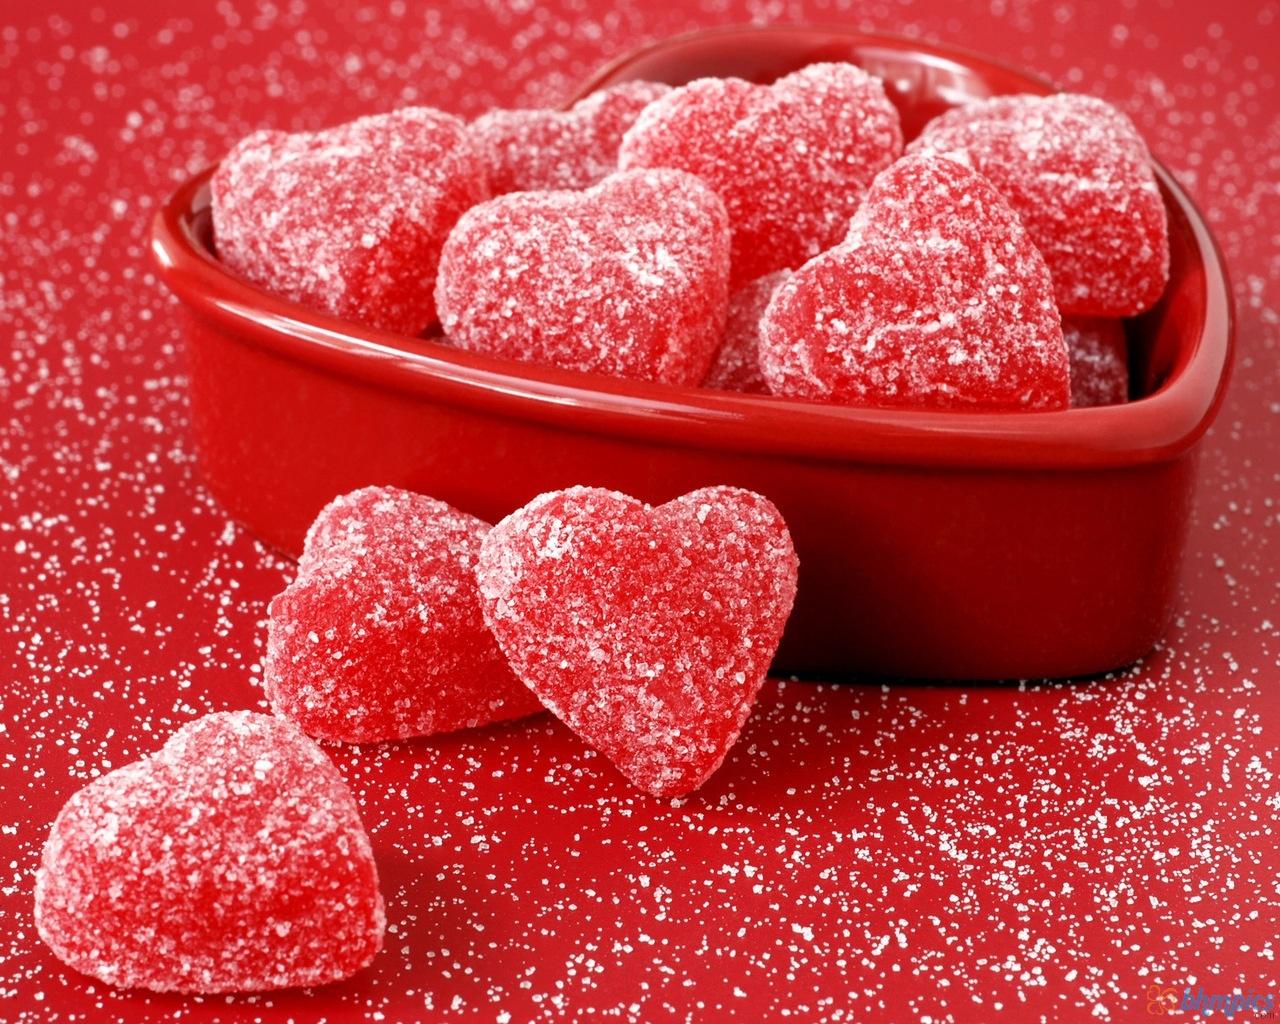 http://3.bp.blogspot.com/-4PRtkwE8xqo/TuhRf85VSxI/AAAAAAAAAns/1_-vEBKlJrU/s1600/heart_fruit_jellies-1280x1024.jpg